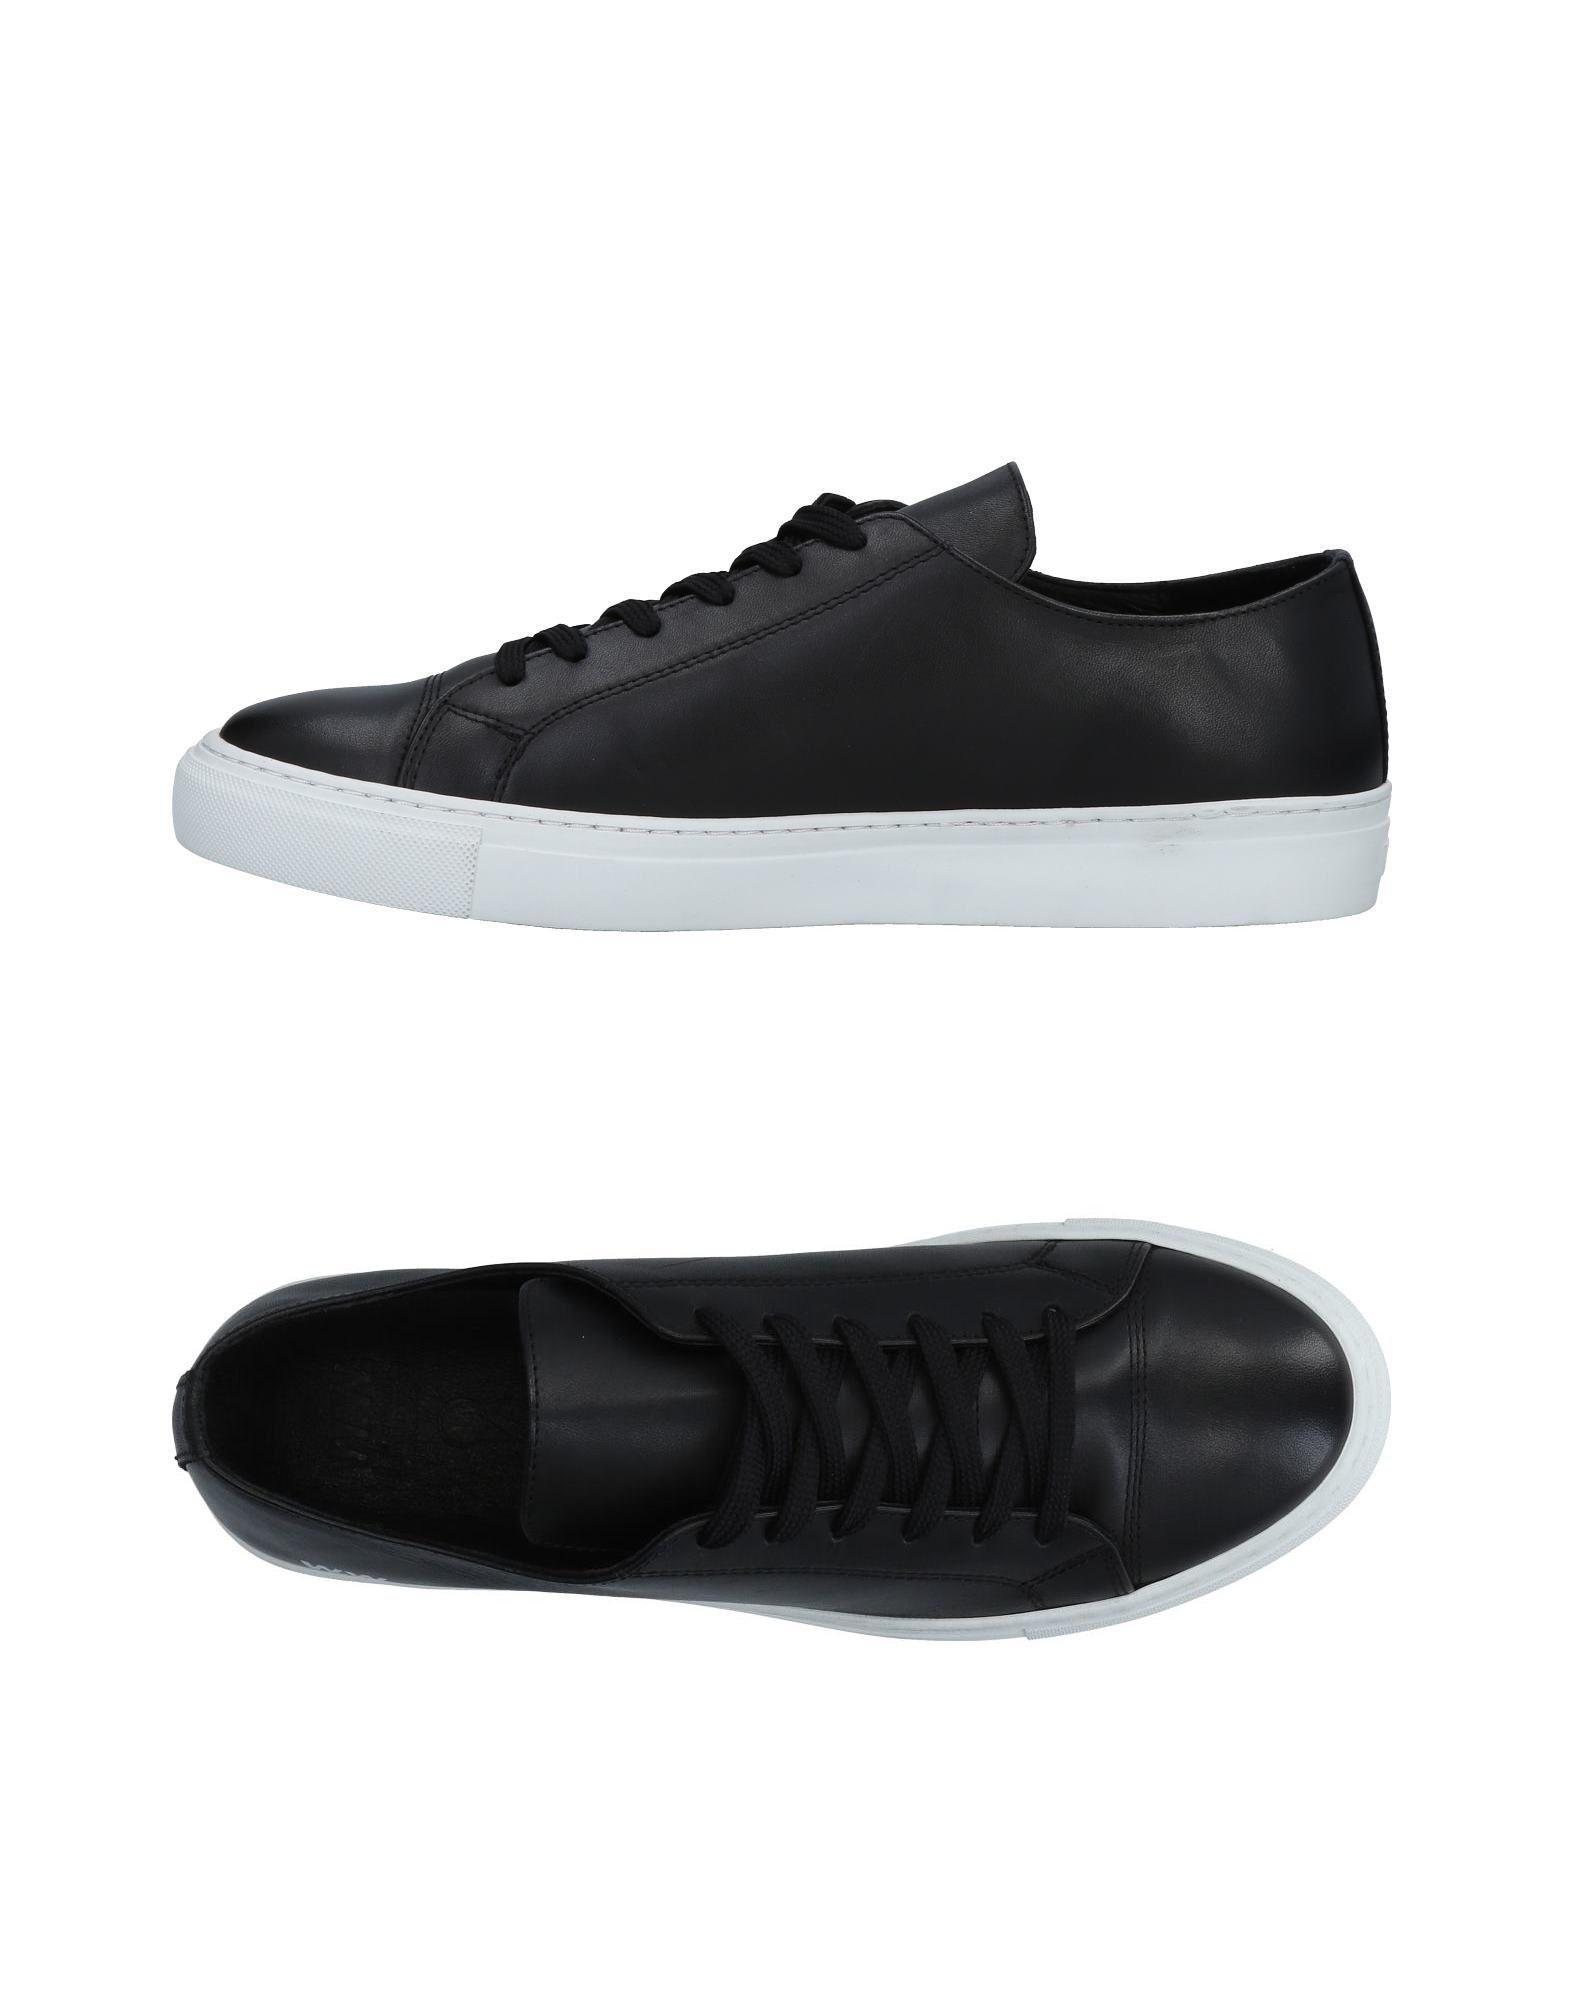 Rabatt echte Herren Schuhe Wood Wood Sneakers Herren echte  11475301EB 26f481